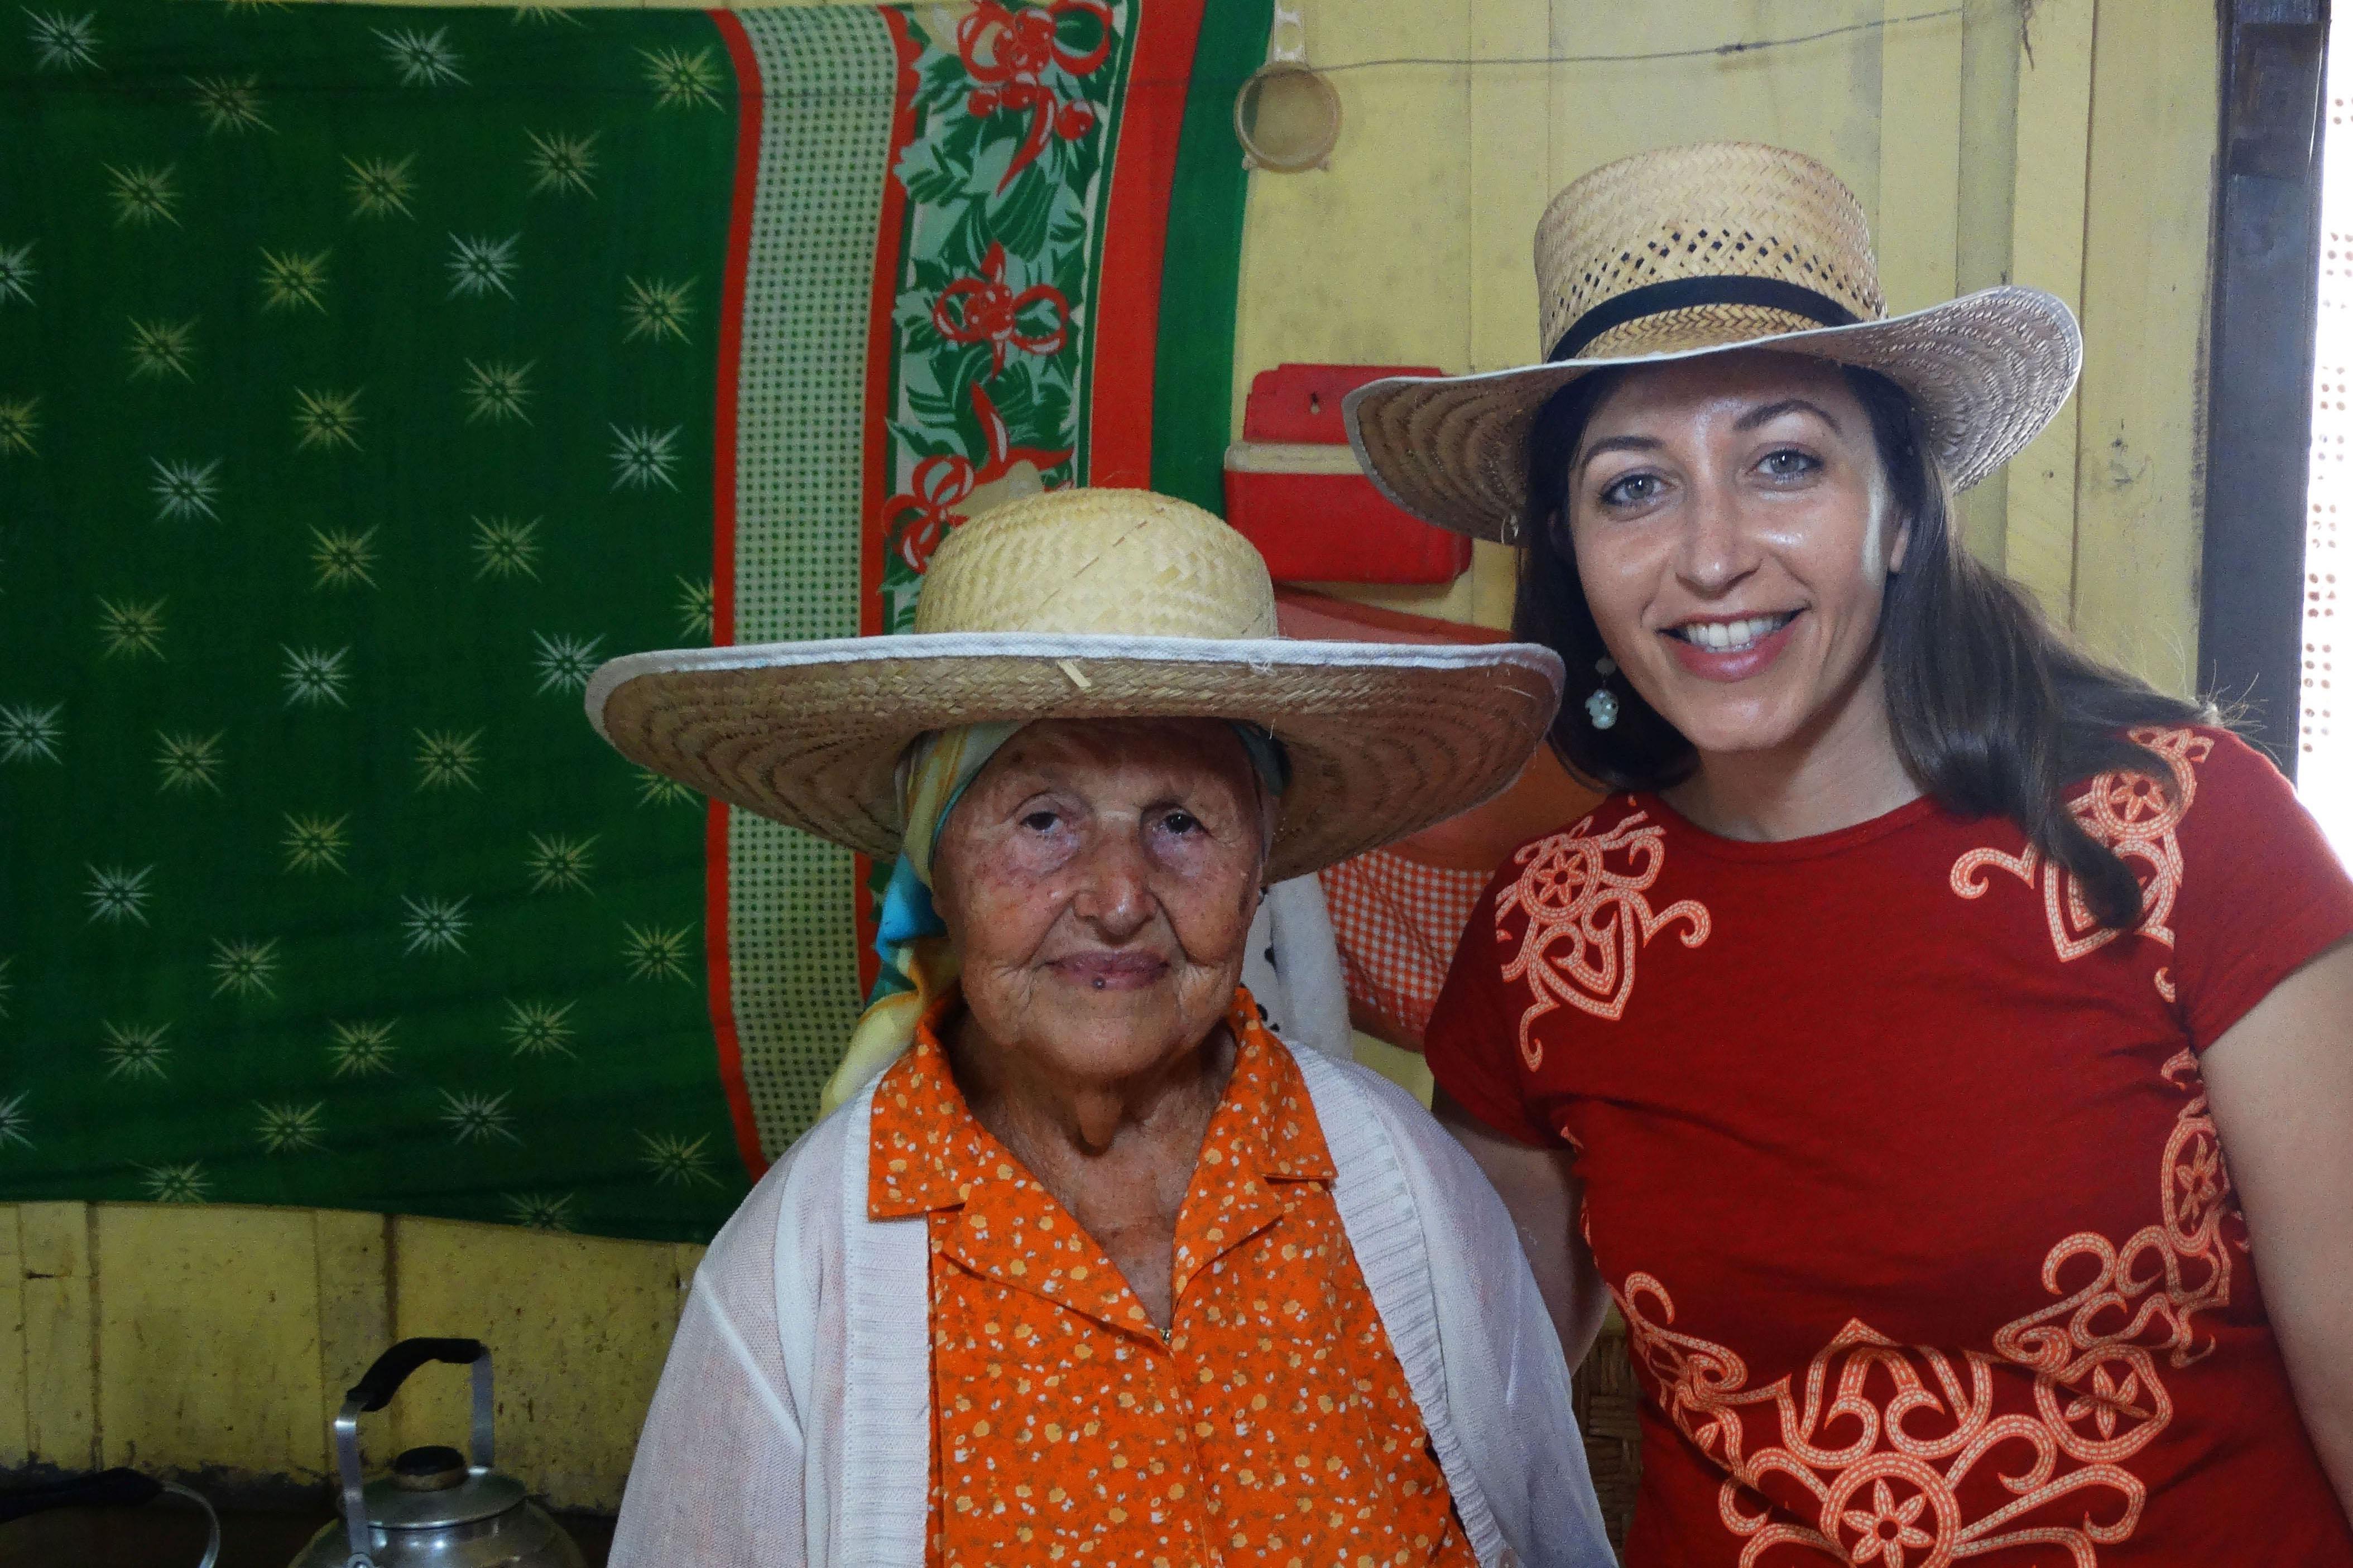 Documentário sobre benzedeiras do paraná ganha lançamento nesta quinta-feira